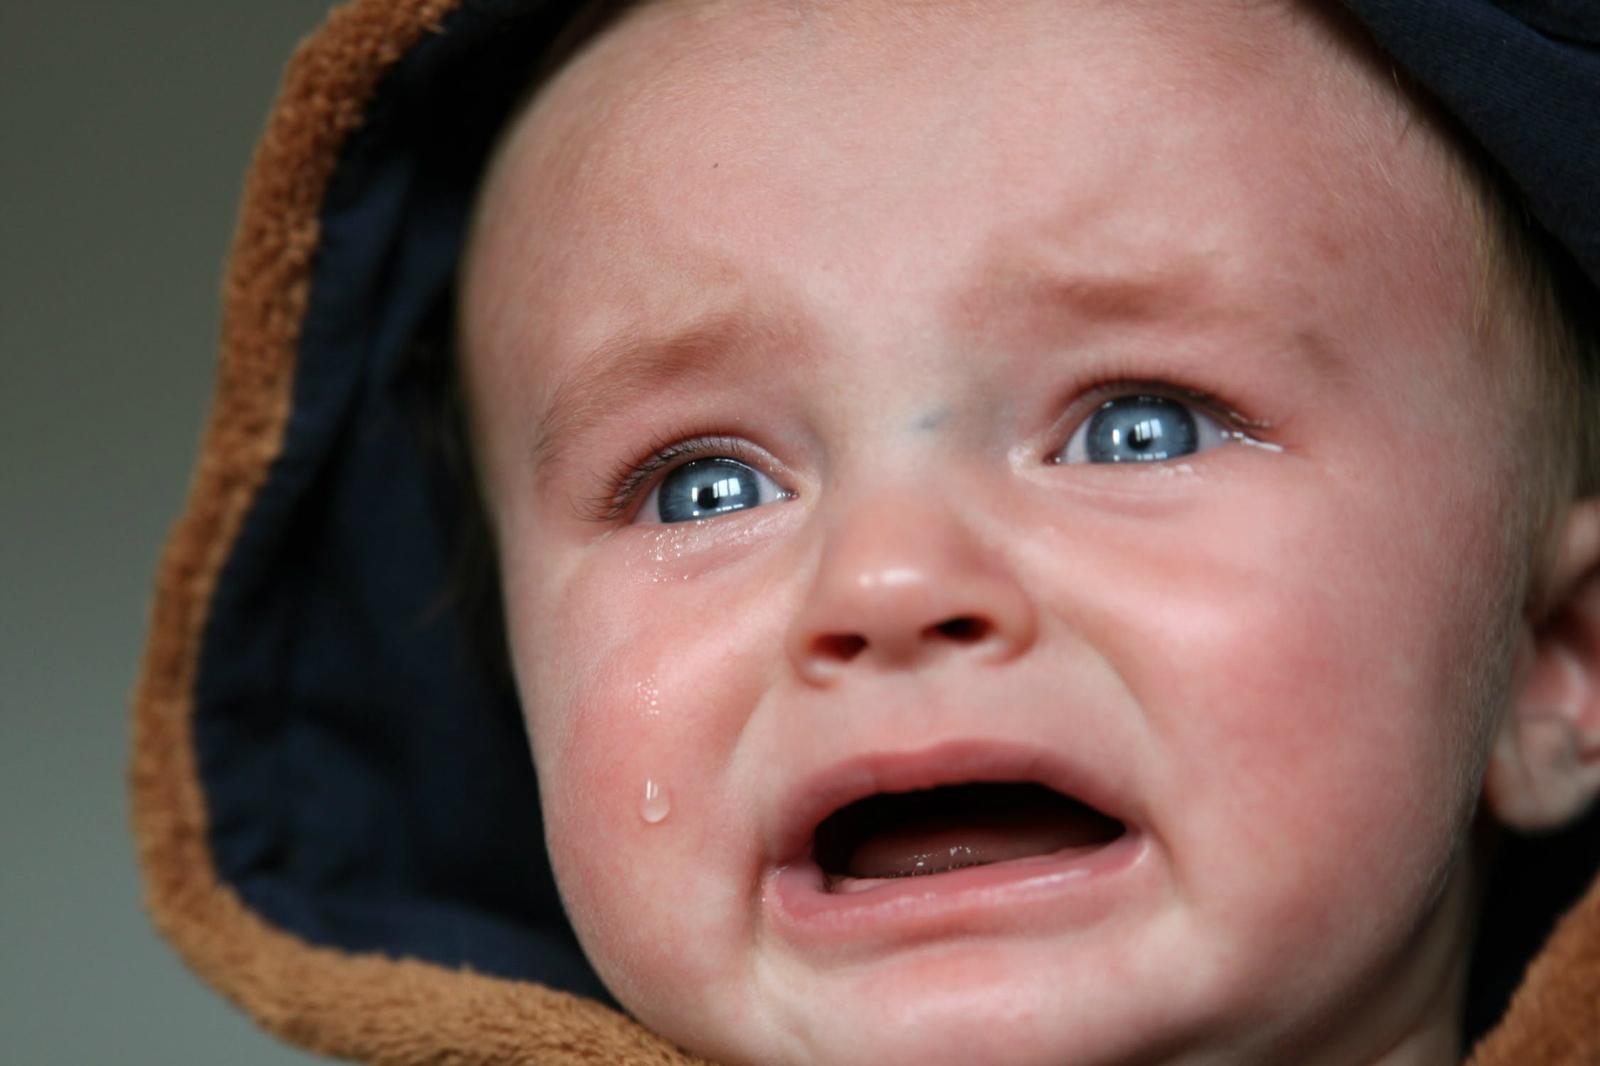 儿童低烧症状有哪些